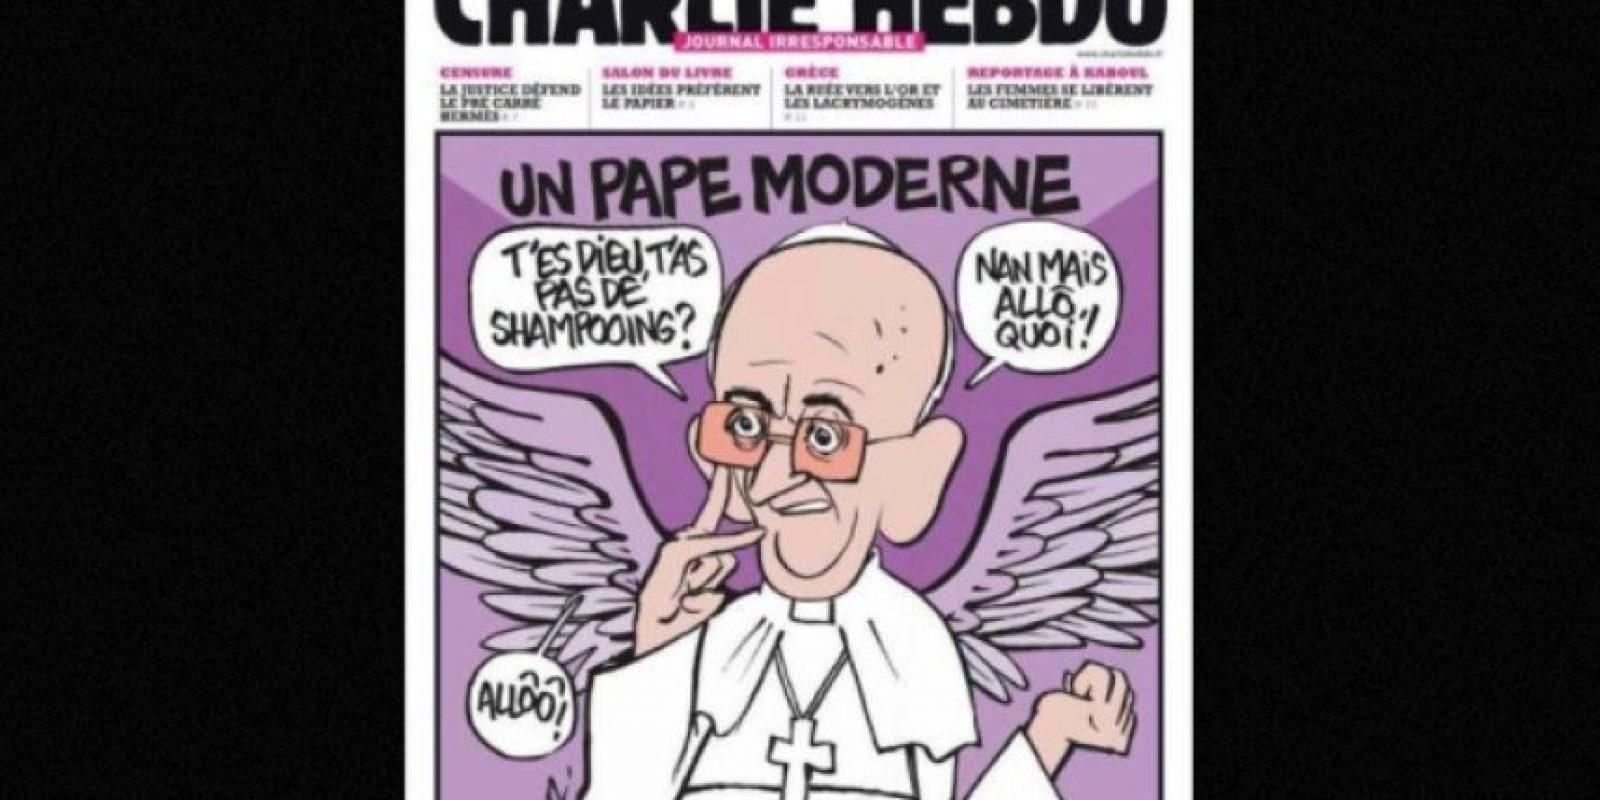 Algunas hacían referencia a líderes mundiales, como el Papa Francisco Foto:Vía: www.facebook.com/CharlieHebdoOfficiel